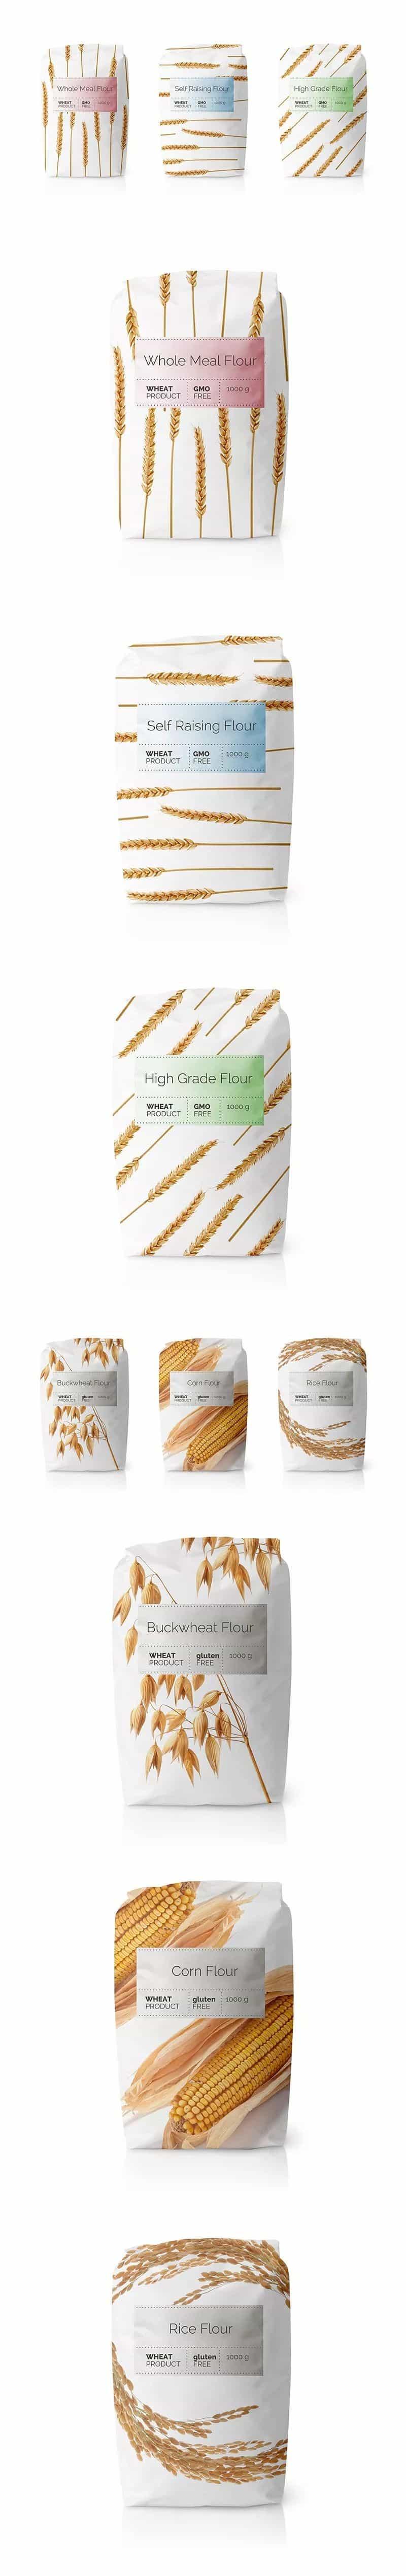 面粉类包装设计分享